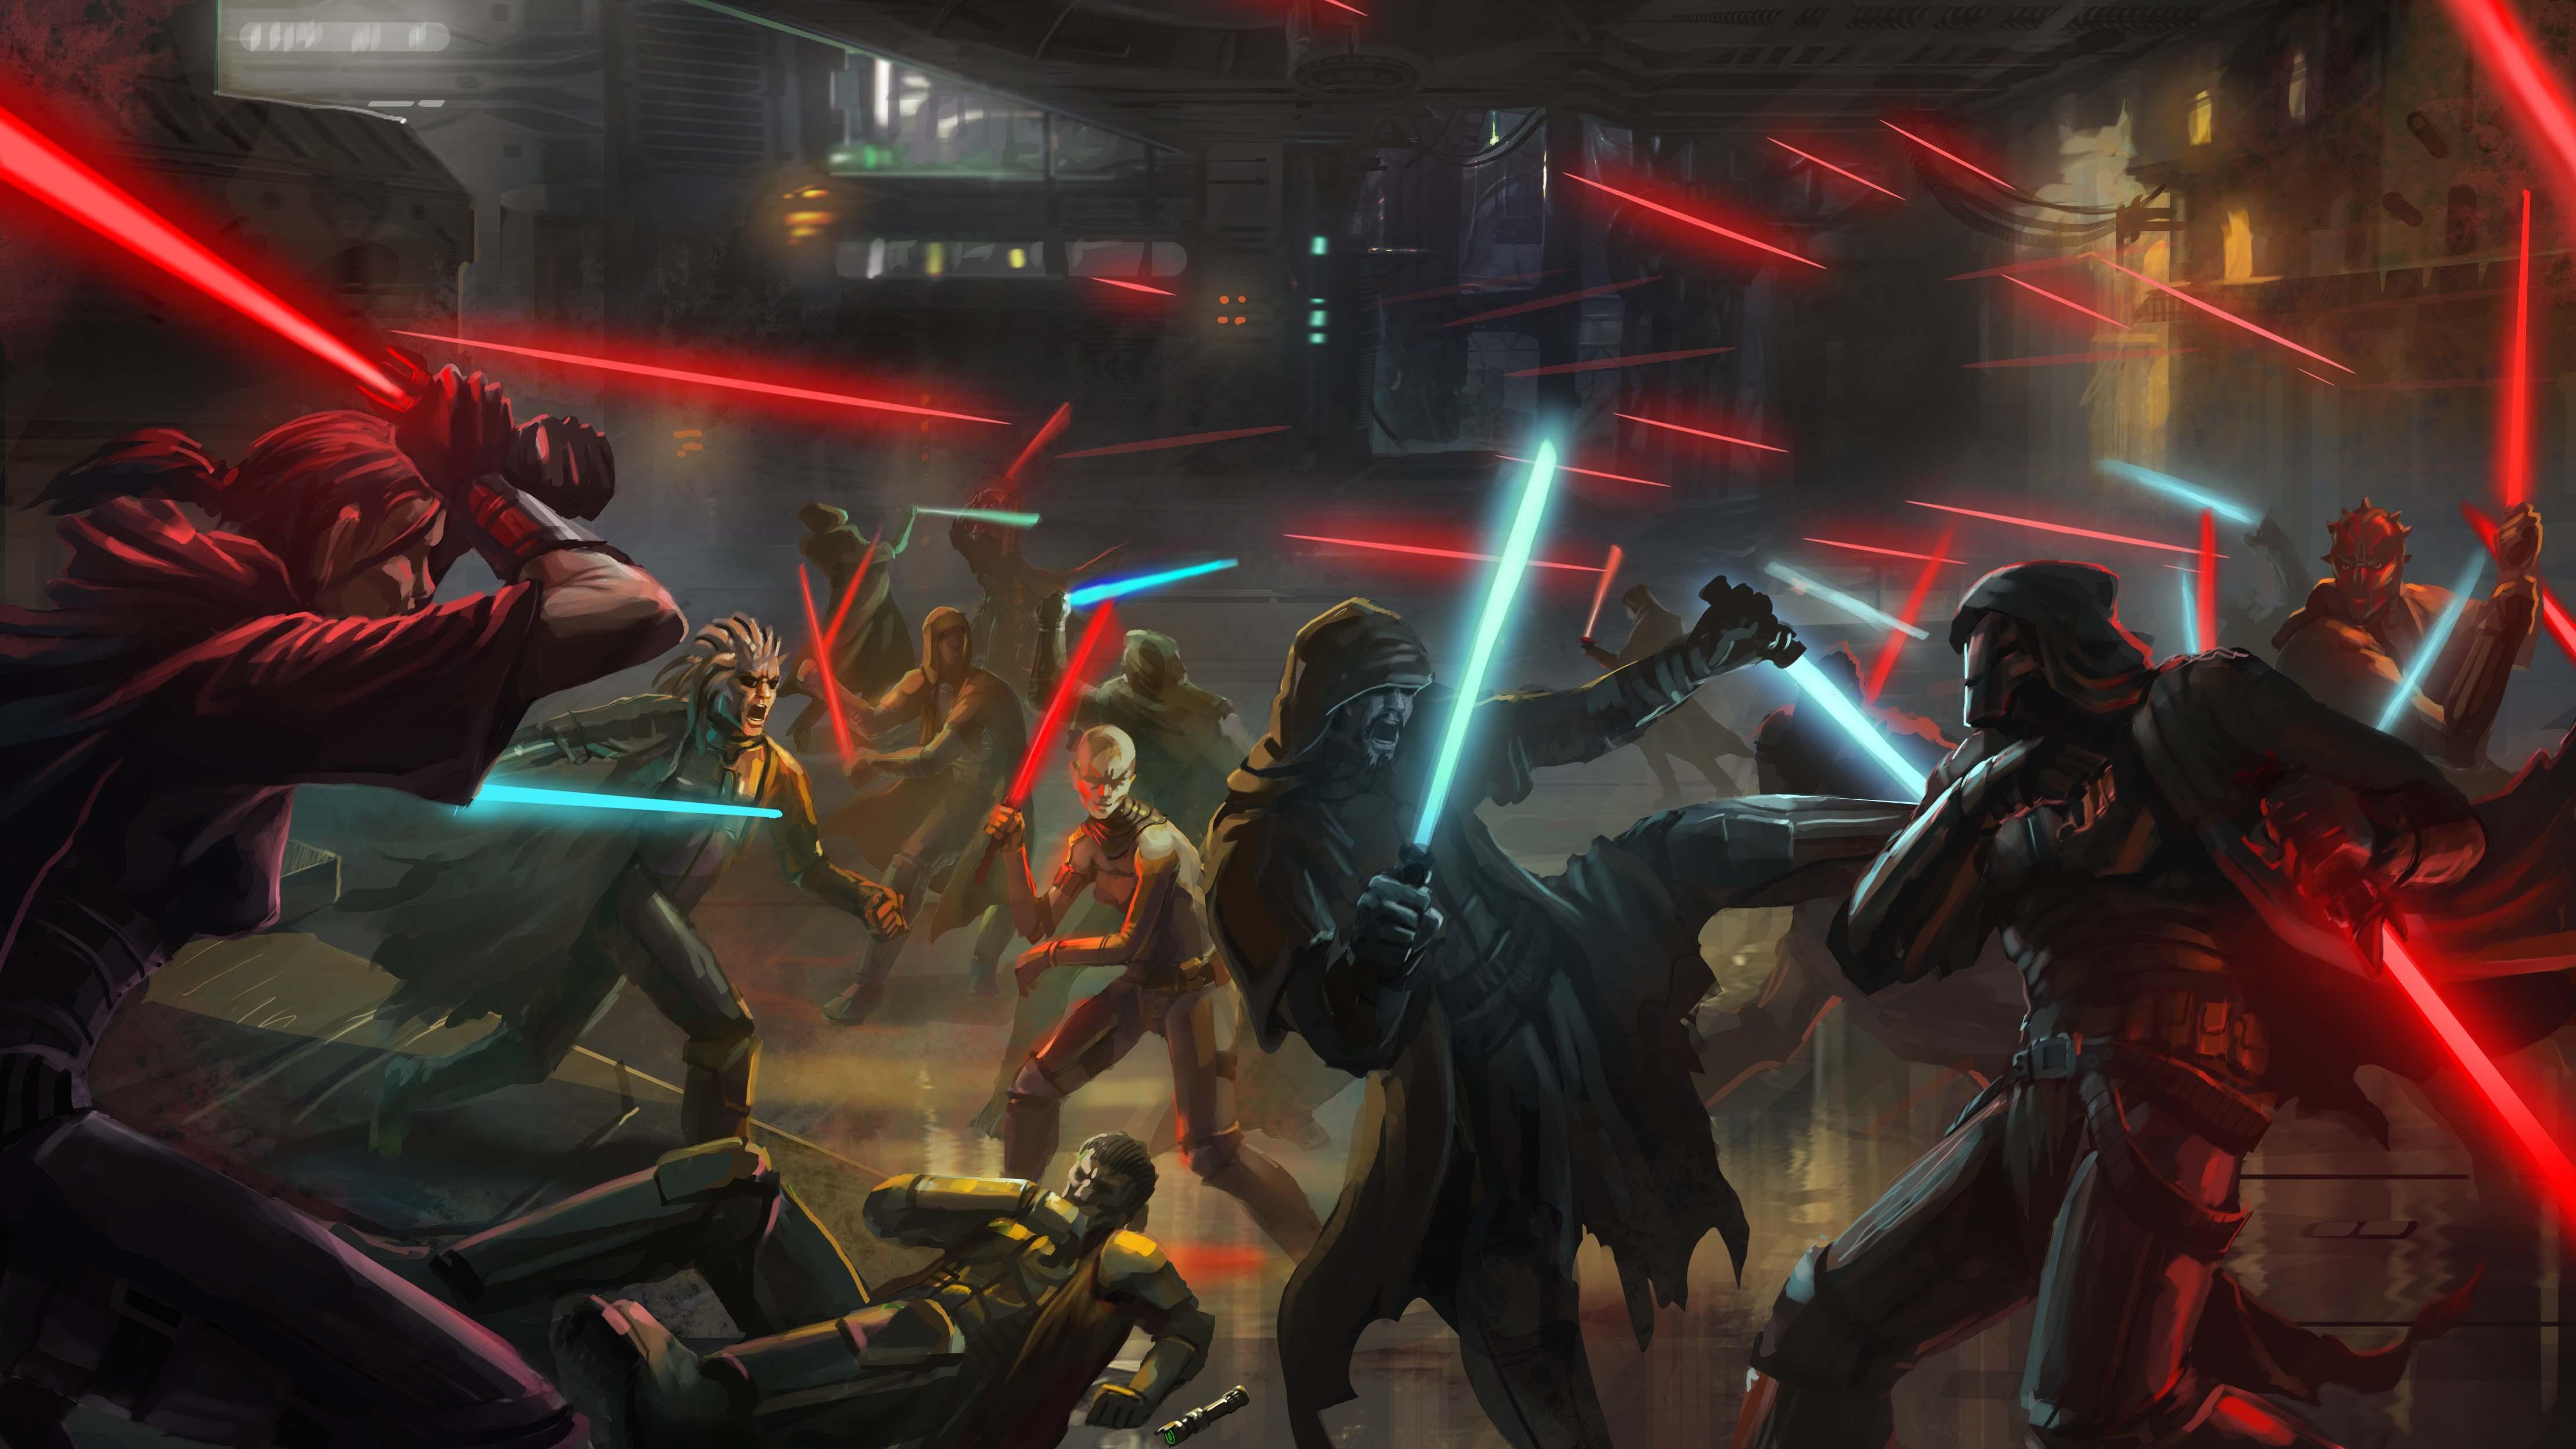 Star wars star wars the old republic art sith jedi wallpaper 4444x2500